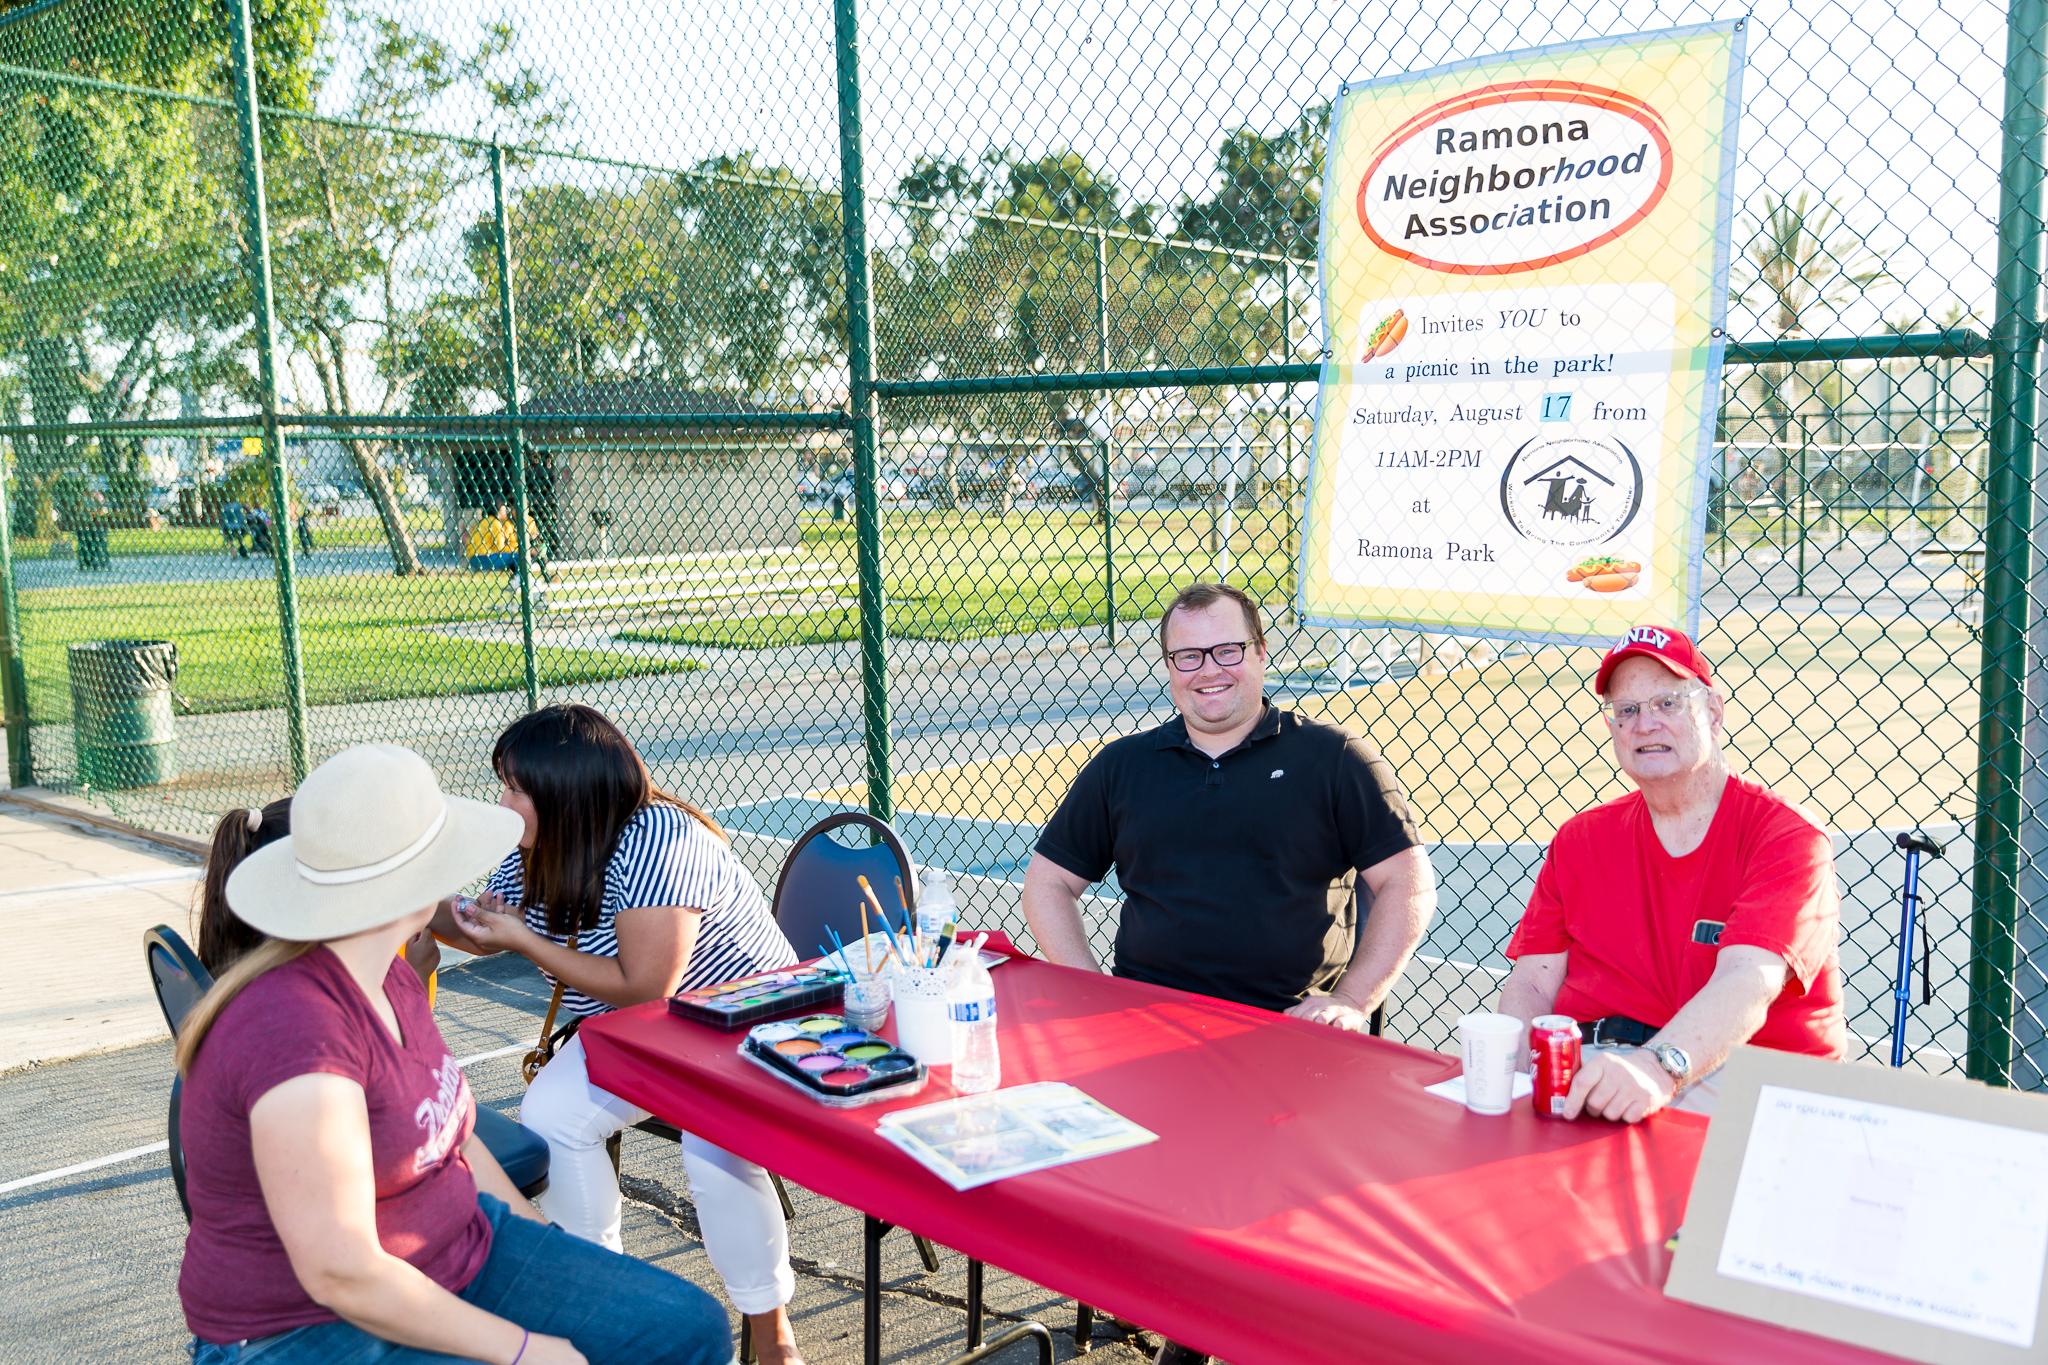 Ramona Neighborhood Association booth